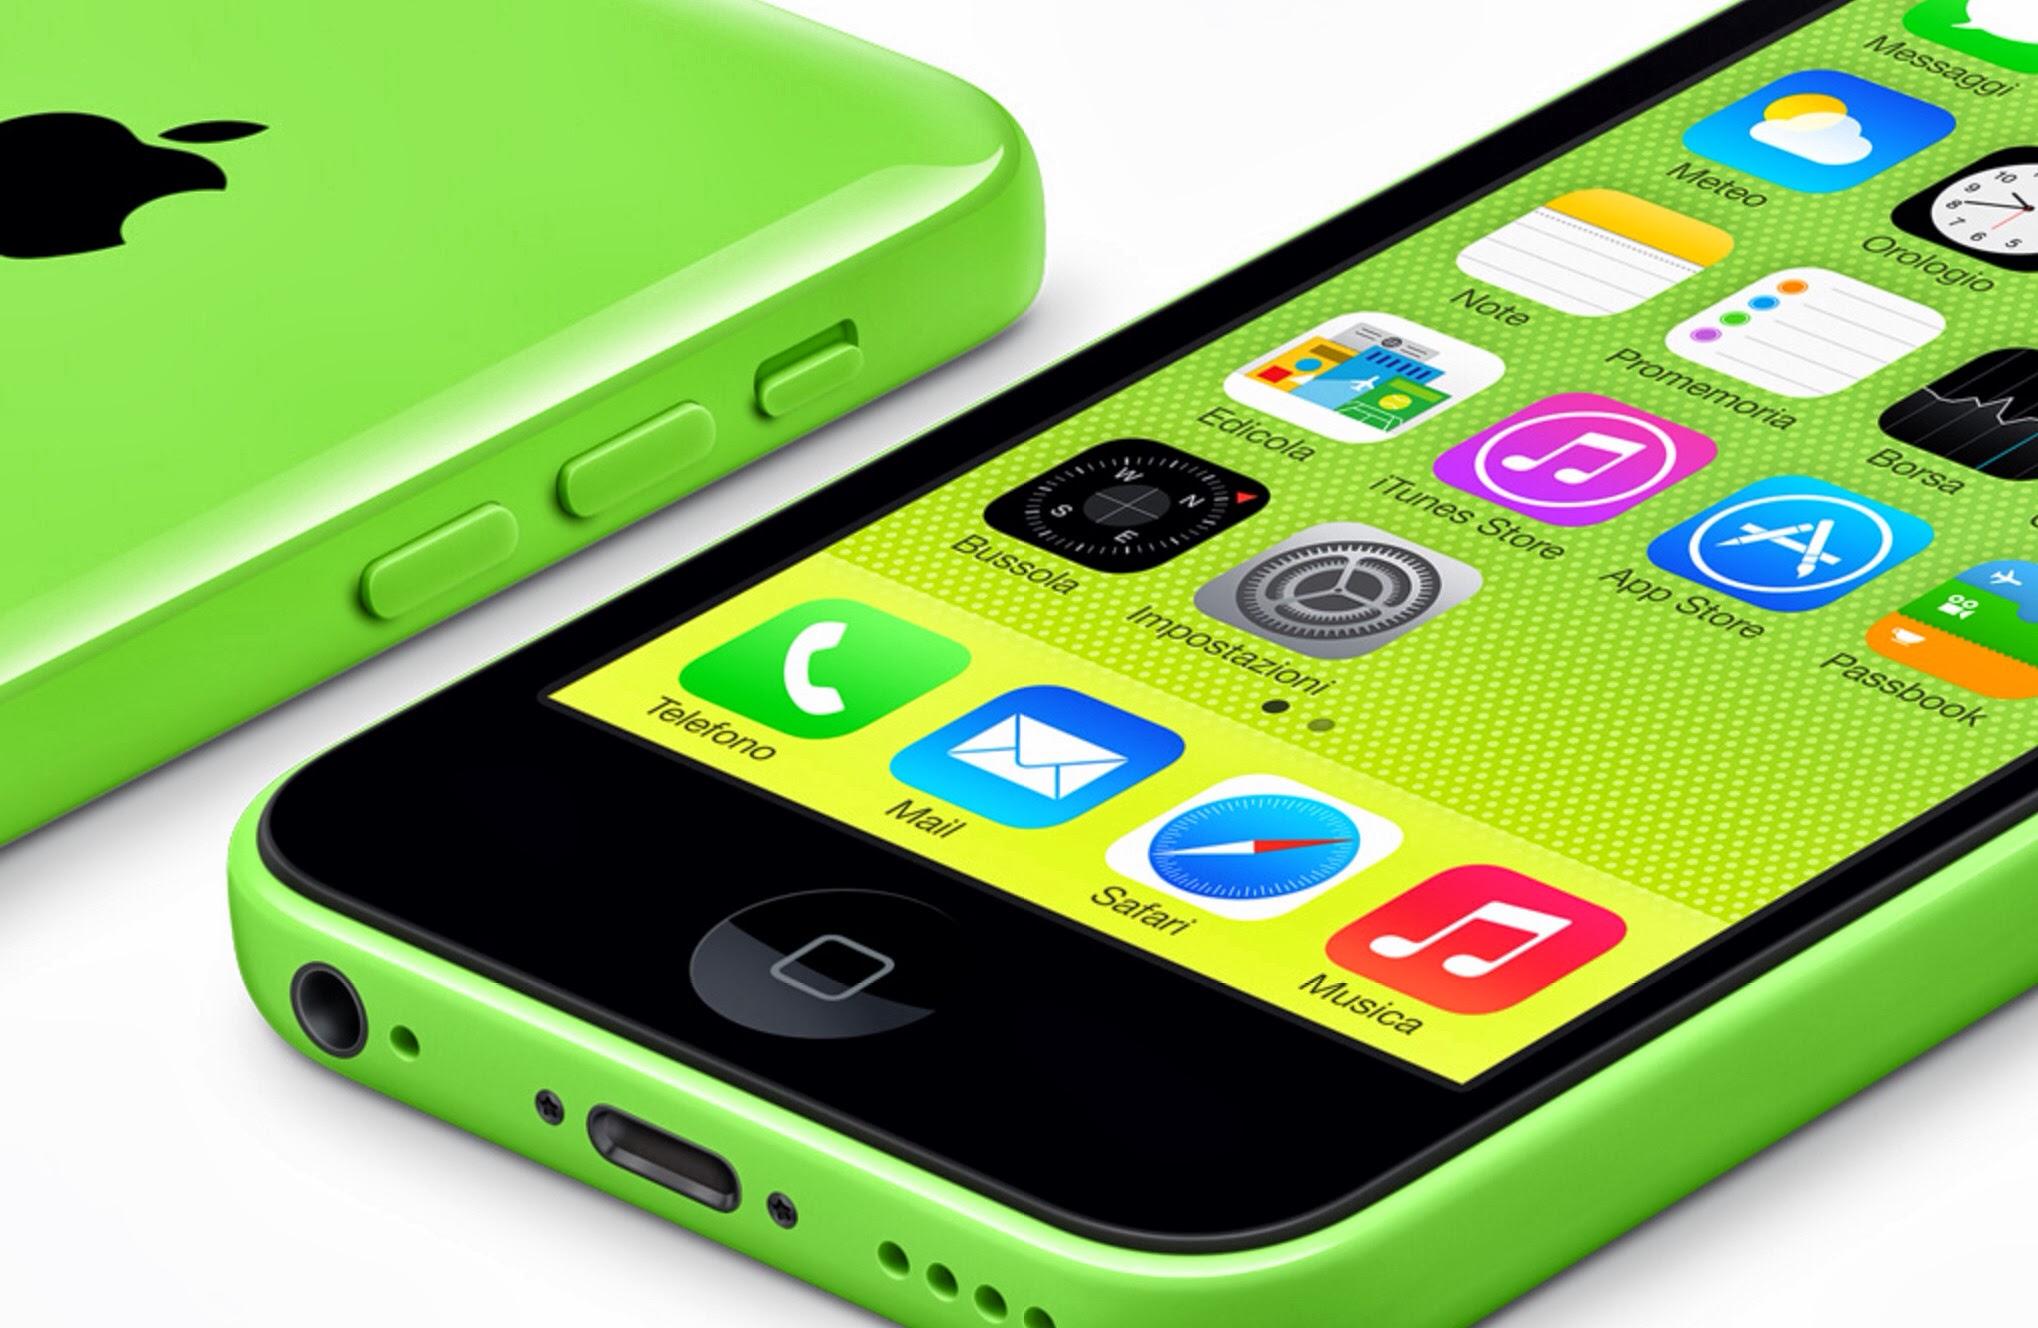 iphone 5c gi in vendita da unieuro iphone 5 negli apple store con 100 di sconto apple caff. Black Bedroom Furniture Sets. Home Design Ideas